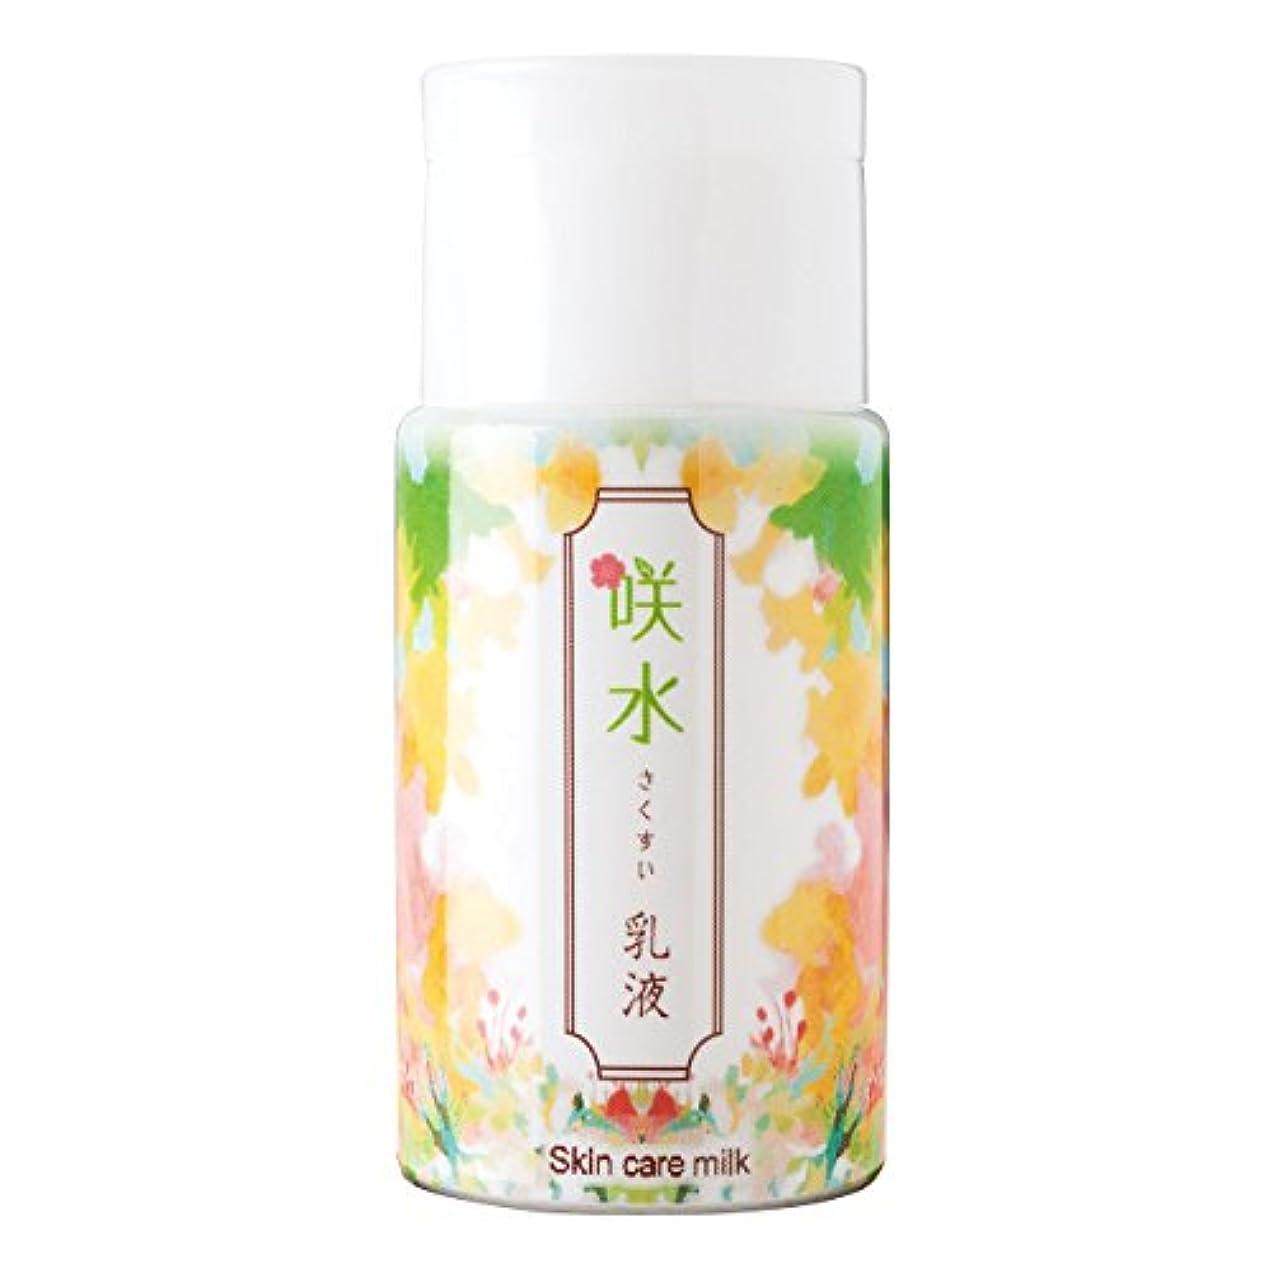 求める結果差別的咲水 スキンケア乳液 100ml リバテープ製薬 日本製 スイゼンジノリ サクラン 乾燥 肌 顔 フェイス